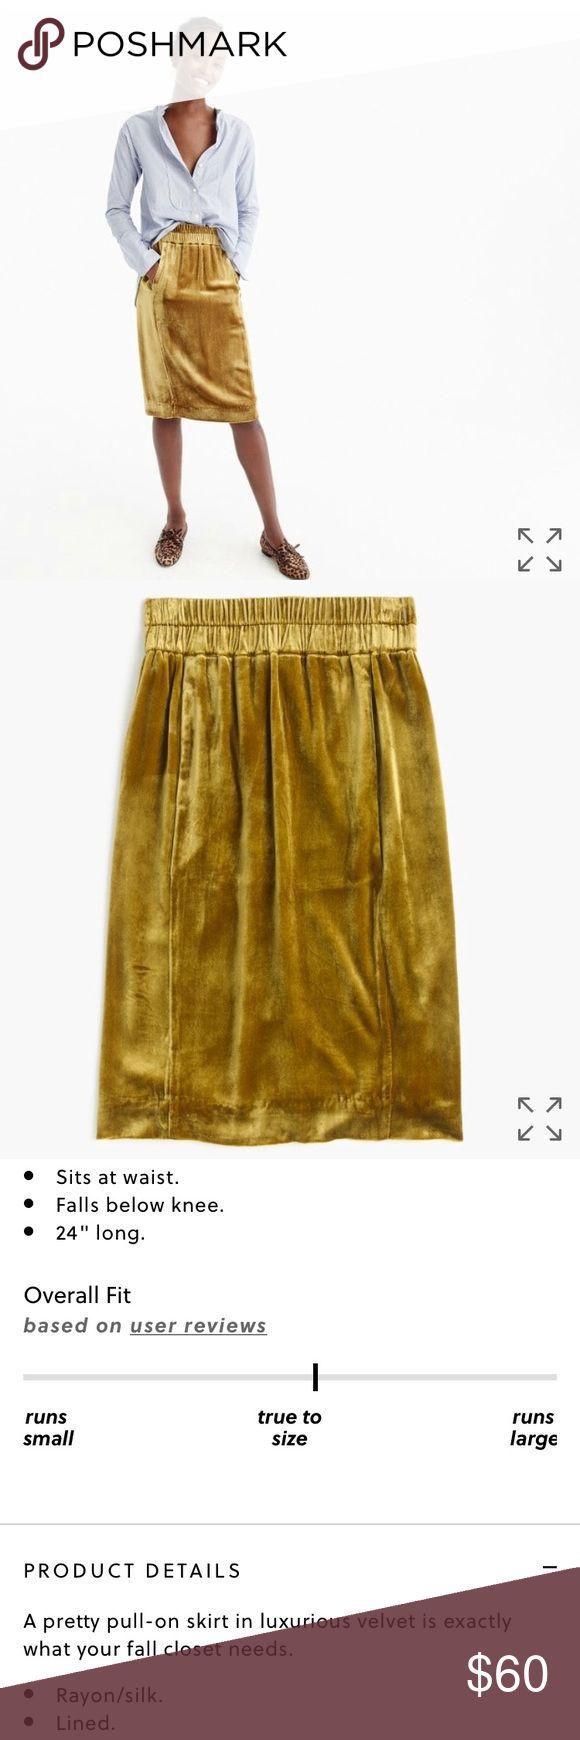 J Crew velvet pull on skirt Never worn.  No trades.  Price firm. J. Crew Skirts